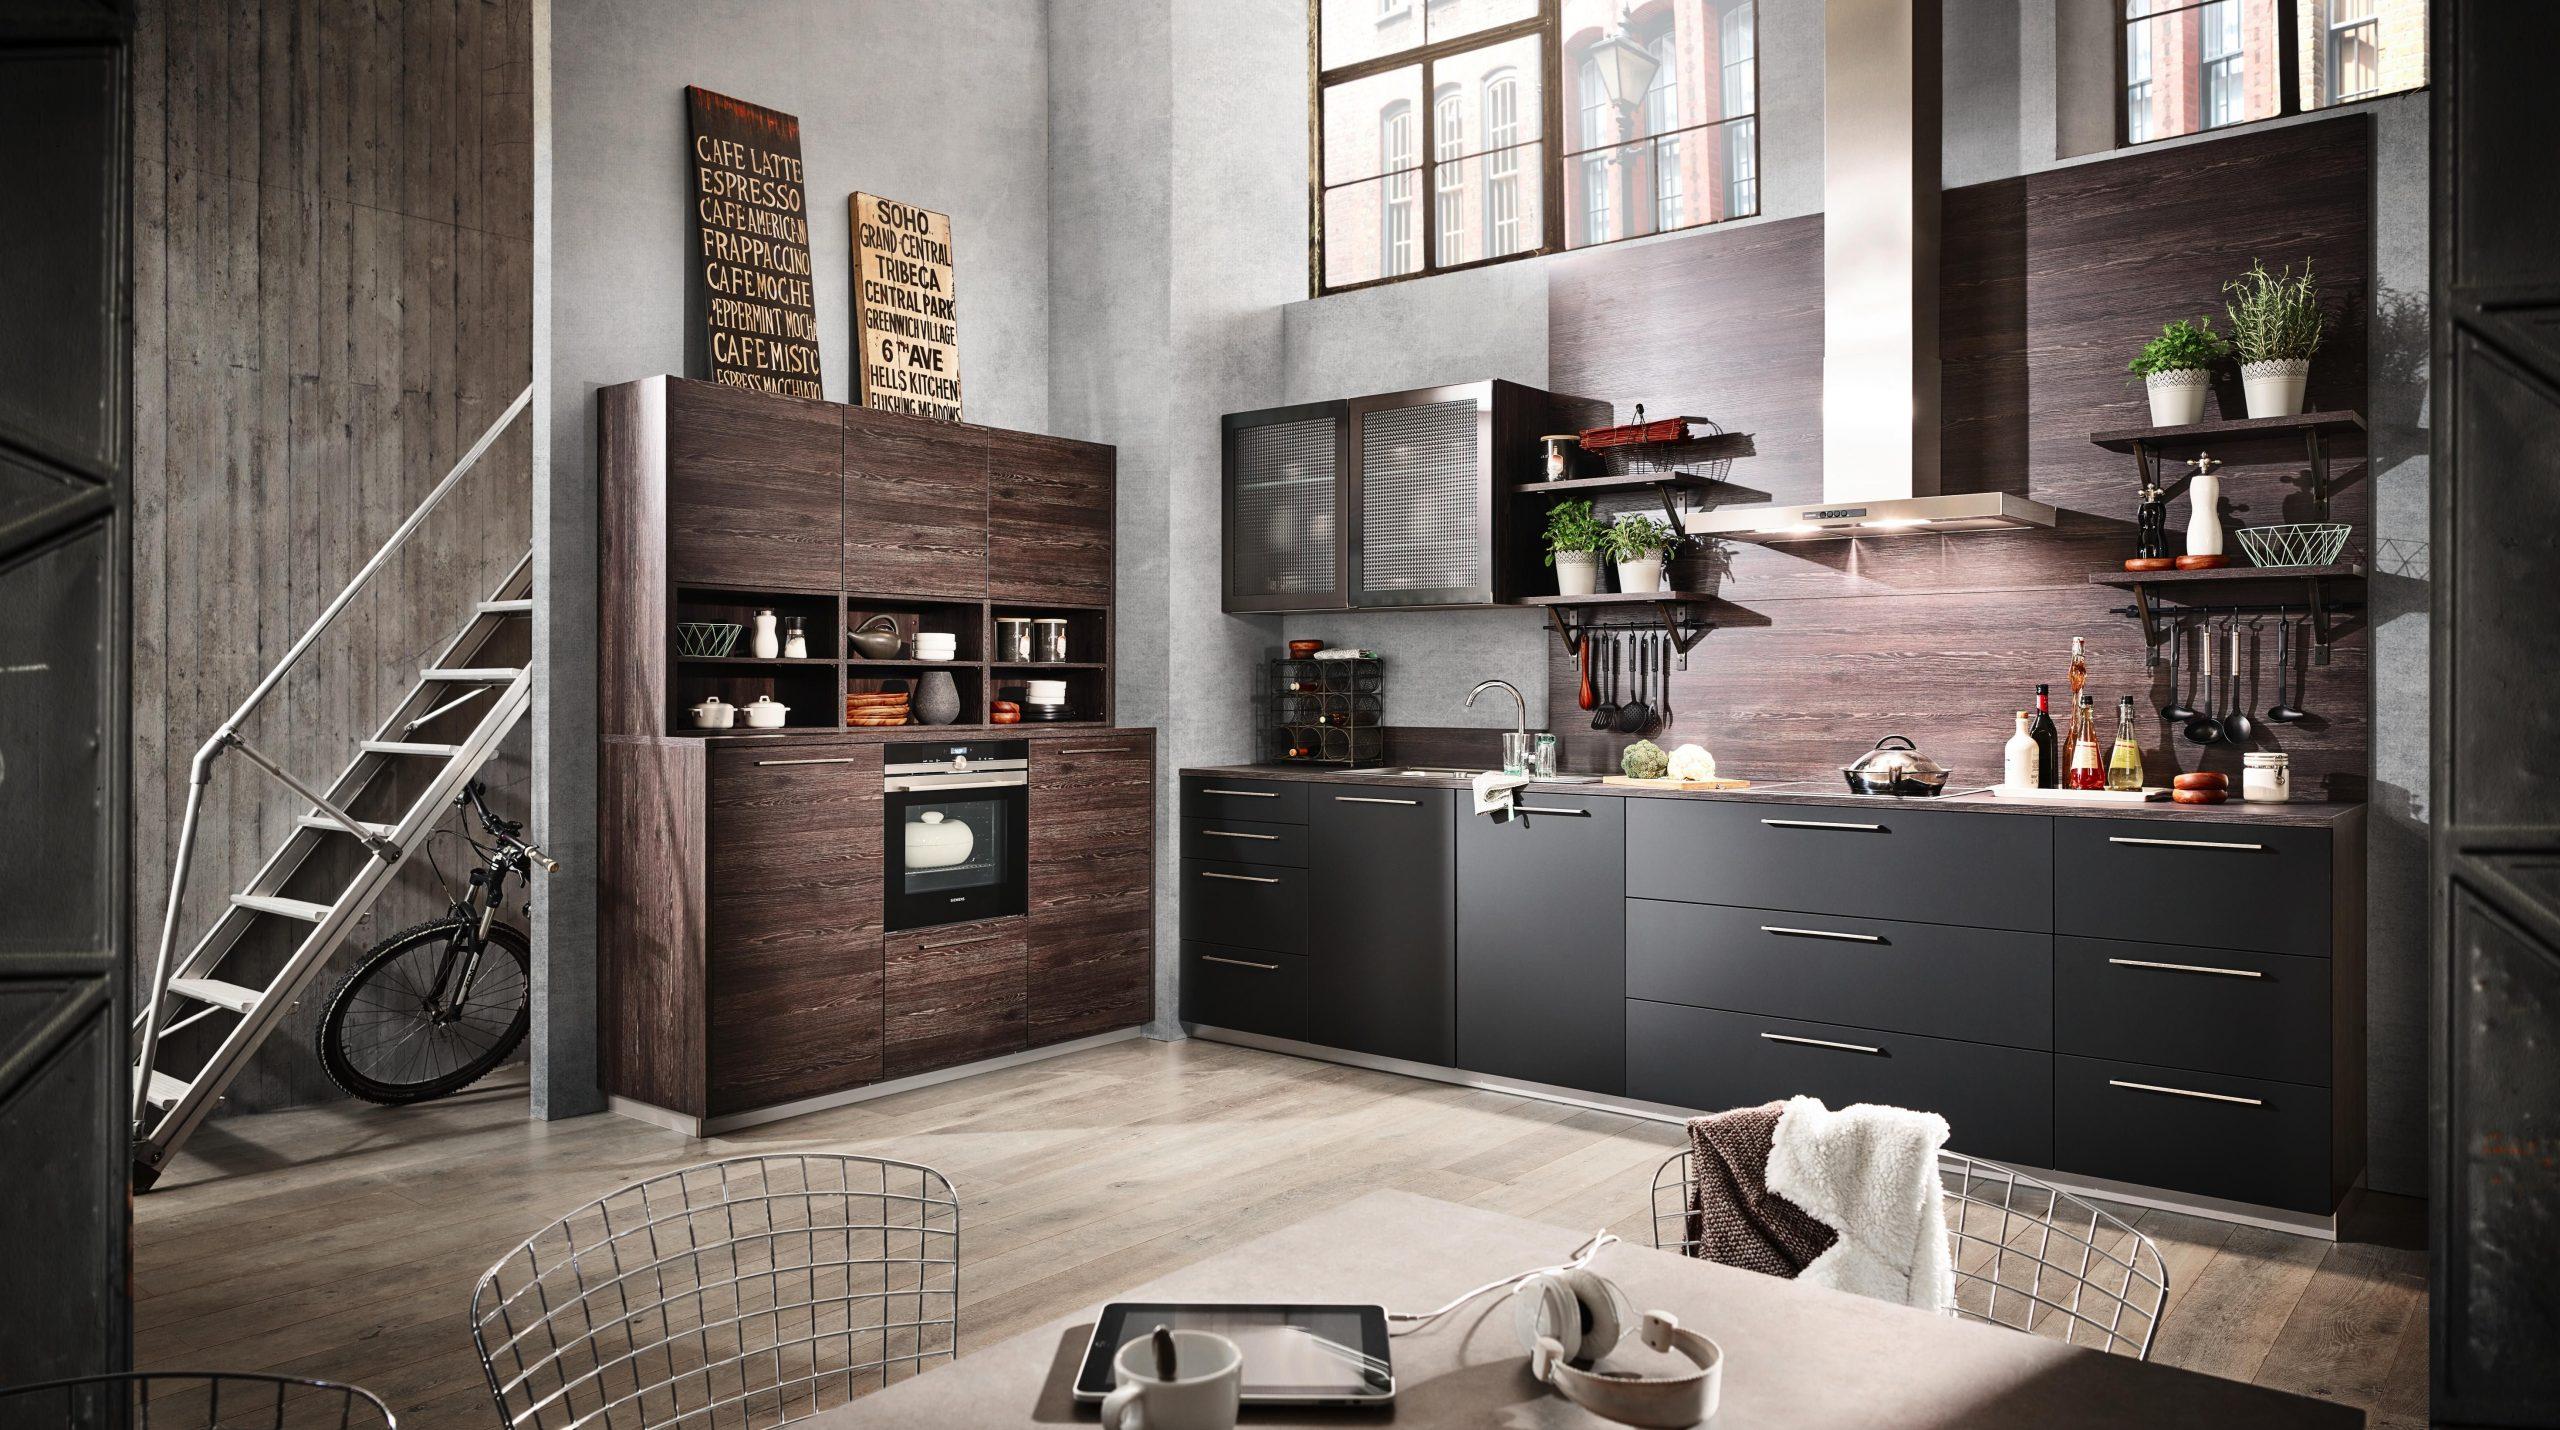 Full Size of Einbauküche Kaufen Ludwigshafen Billig Einbauküche Kaufen Einbauküche Kaufen Ikea Kühlschrank Für Einbauküche Kaufen Küche Einbauküche Kaufen